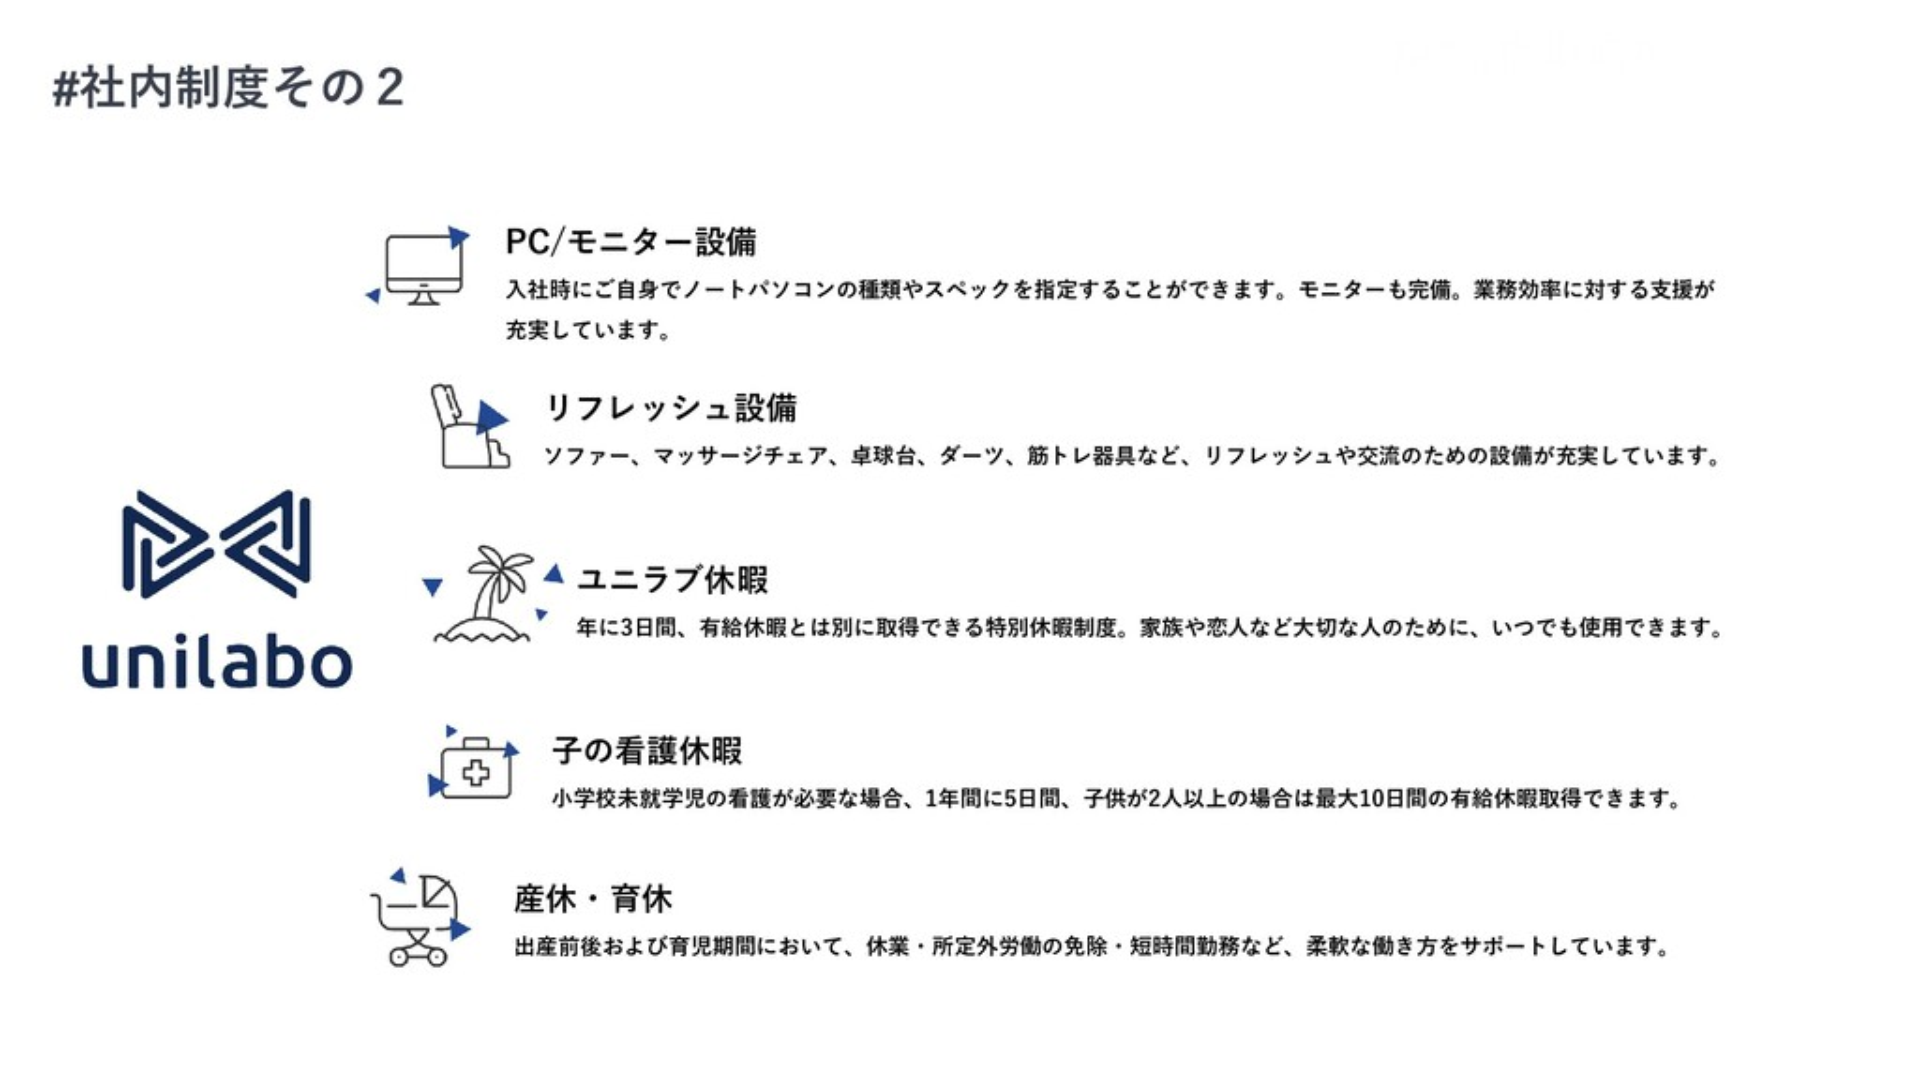 #社内制度その2 PC/モニター設備 入社時にご自身でノートパソコンの種類やスペックを指定する...